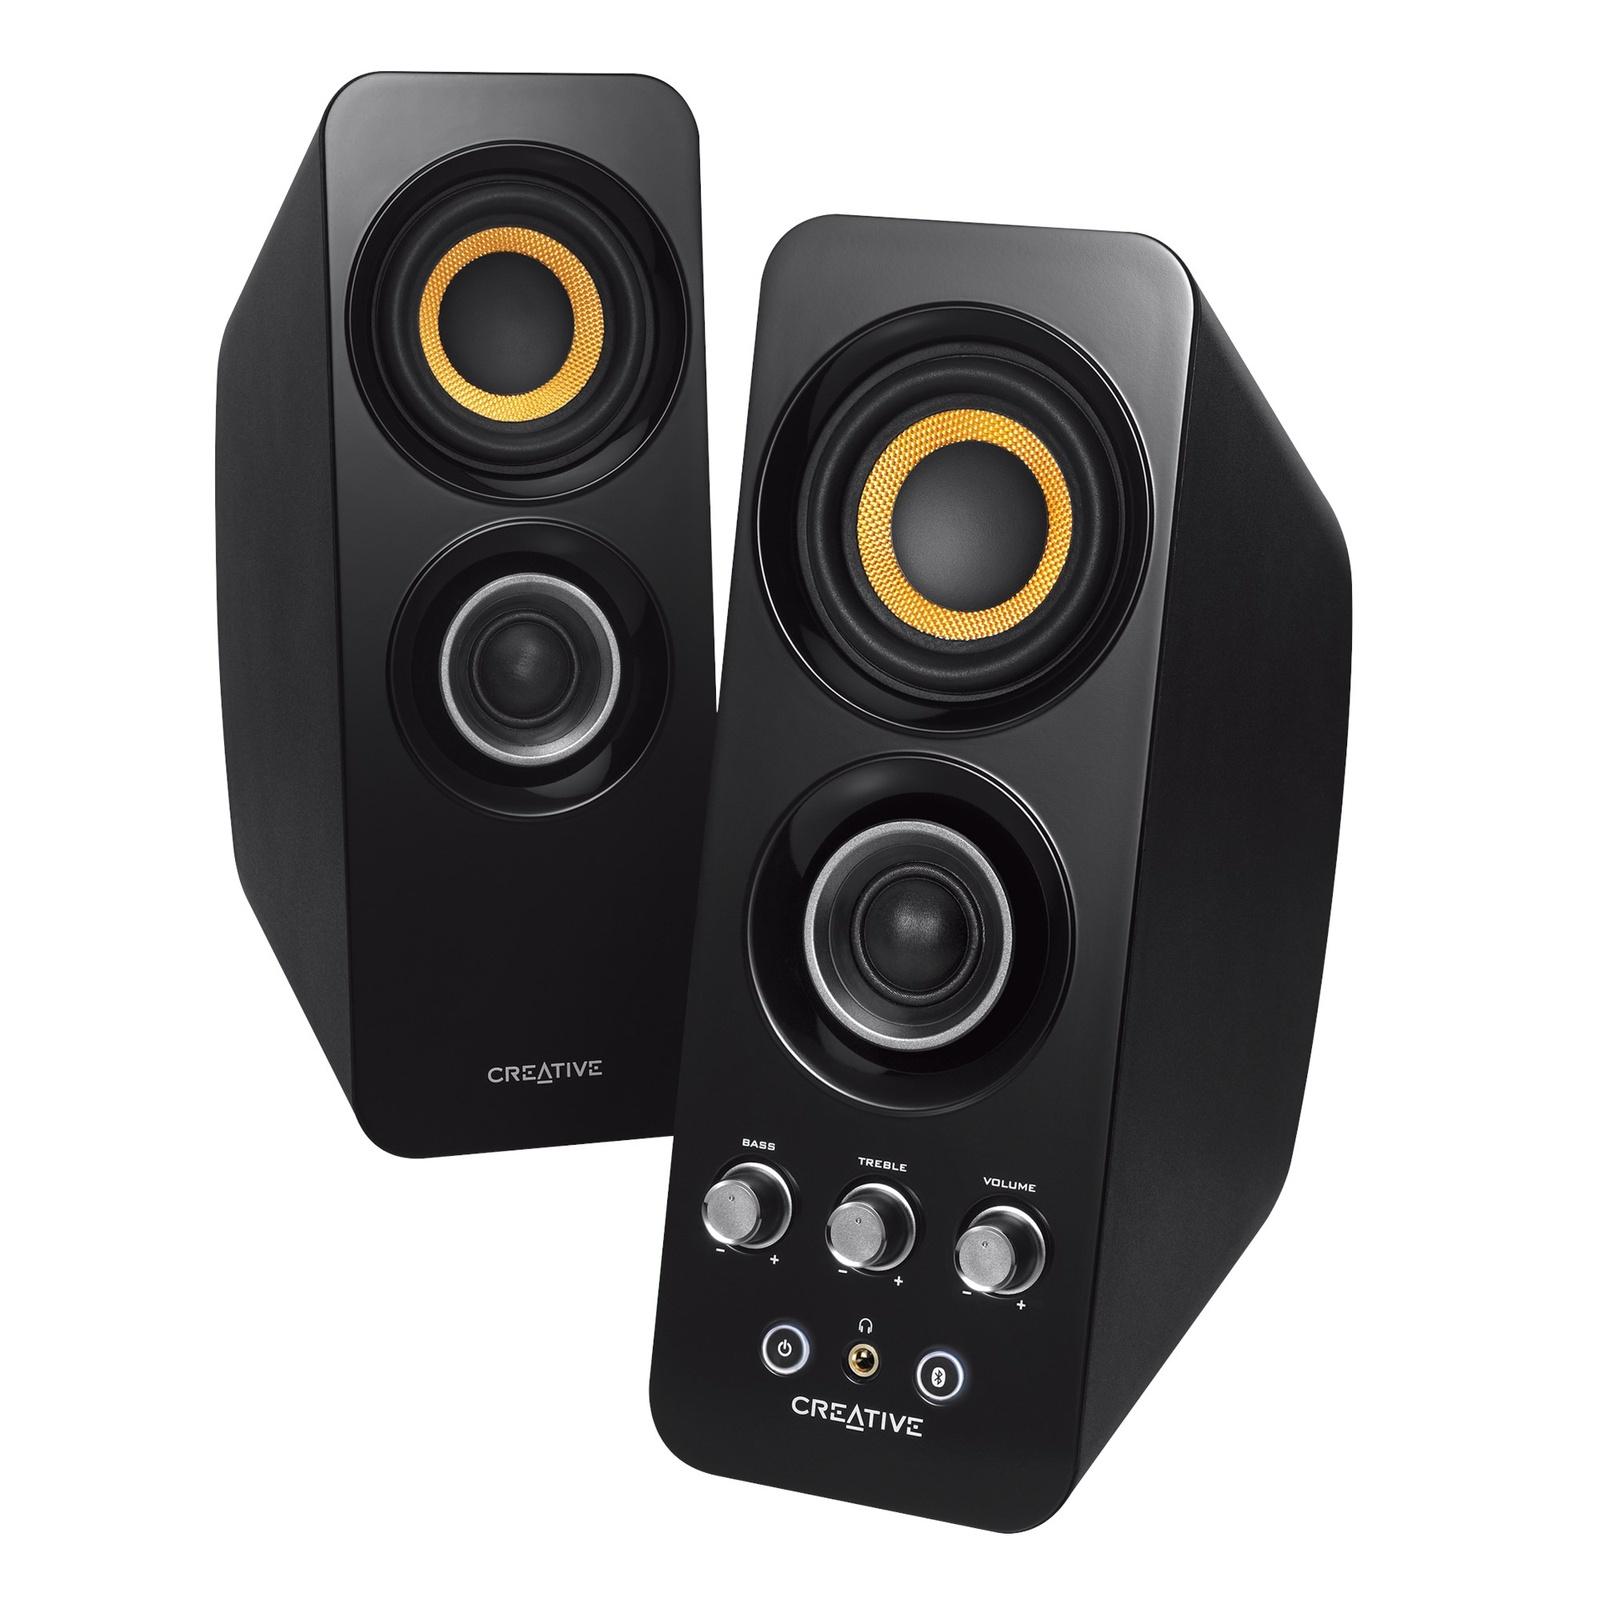 Компьютерная акустика Creative SIGNATURE T30W 2.0, Black, Wireless, черный акустическая система creative inspire t6300 5 1 black 51mf4115aa000 черный